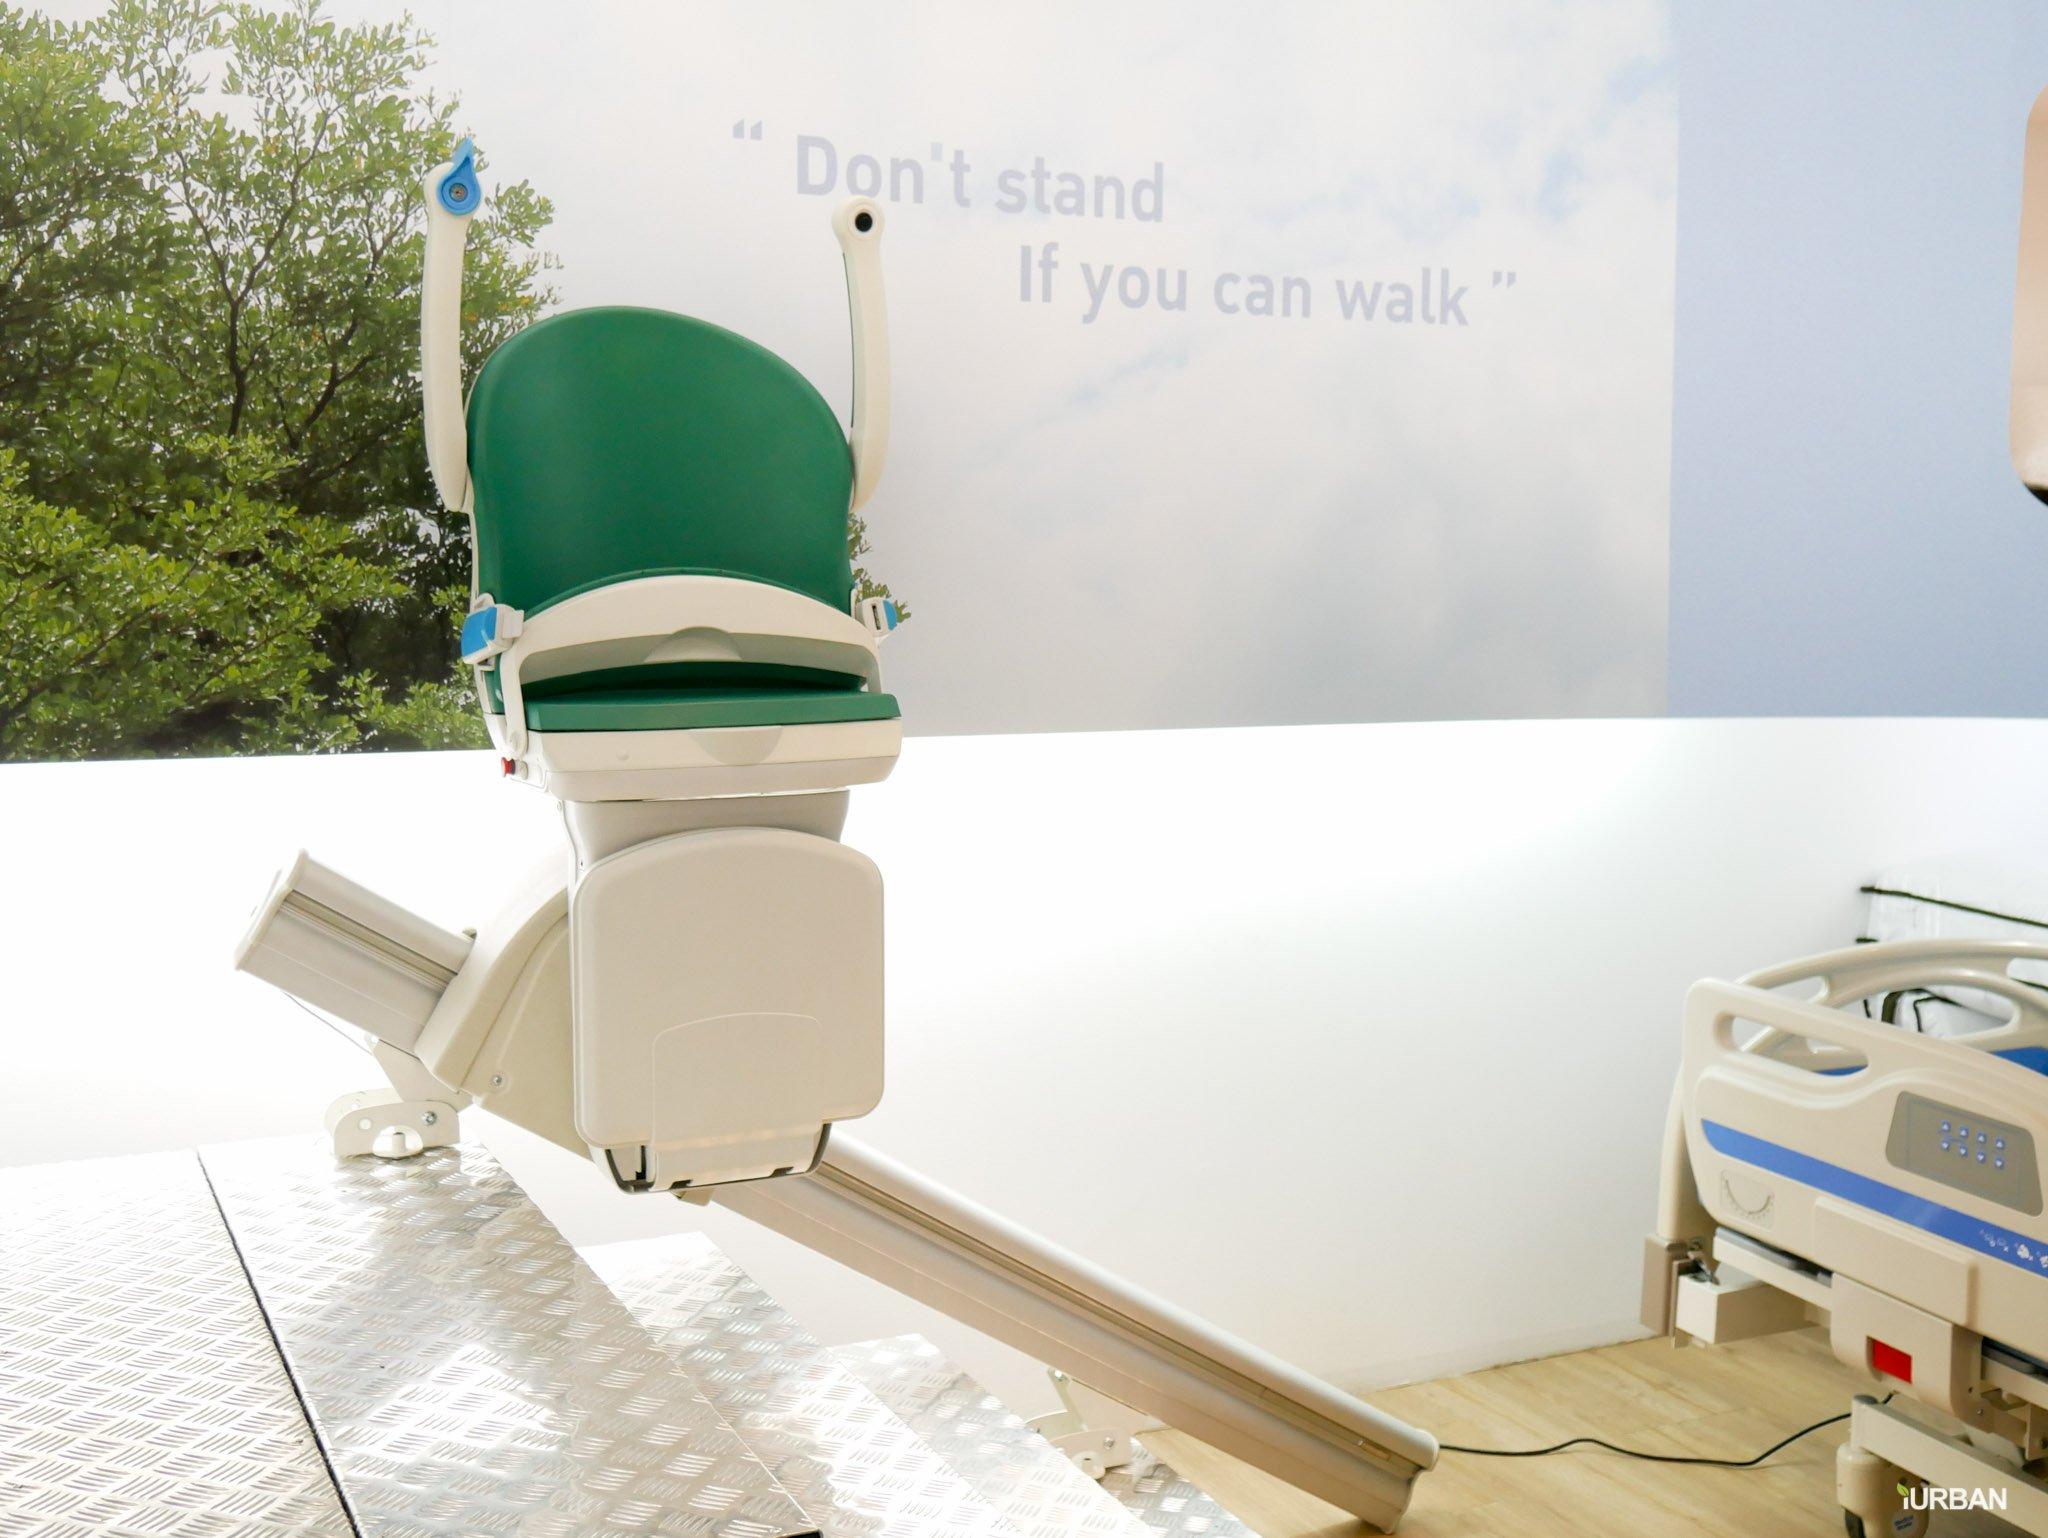 MODERNFORM THE ANNUAL SALE 2018 ลดทุกชิ้นสูงสุด 70% (10 วันเท่านั้น!) เก้าอี้ทำงานสวยเพื่อสุขภาพเพียบ!! 132 - Modernform (โมเดอร์นฟอร์ม)